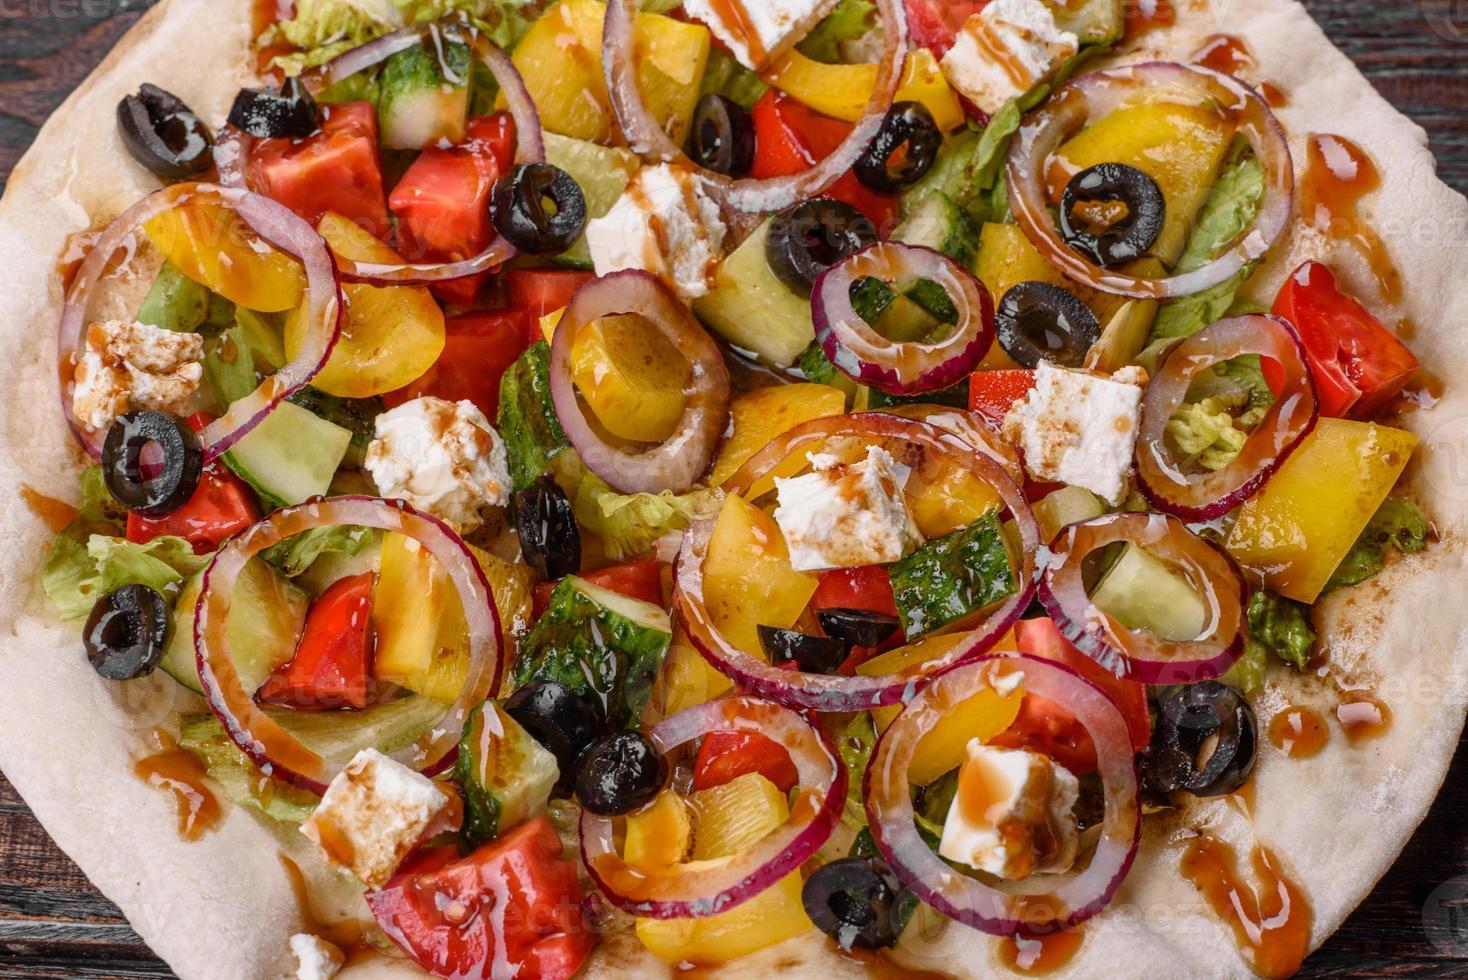 välsmakande färsk grekisk sallad på en pitabröd tillagad för ett festligt bord foto